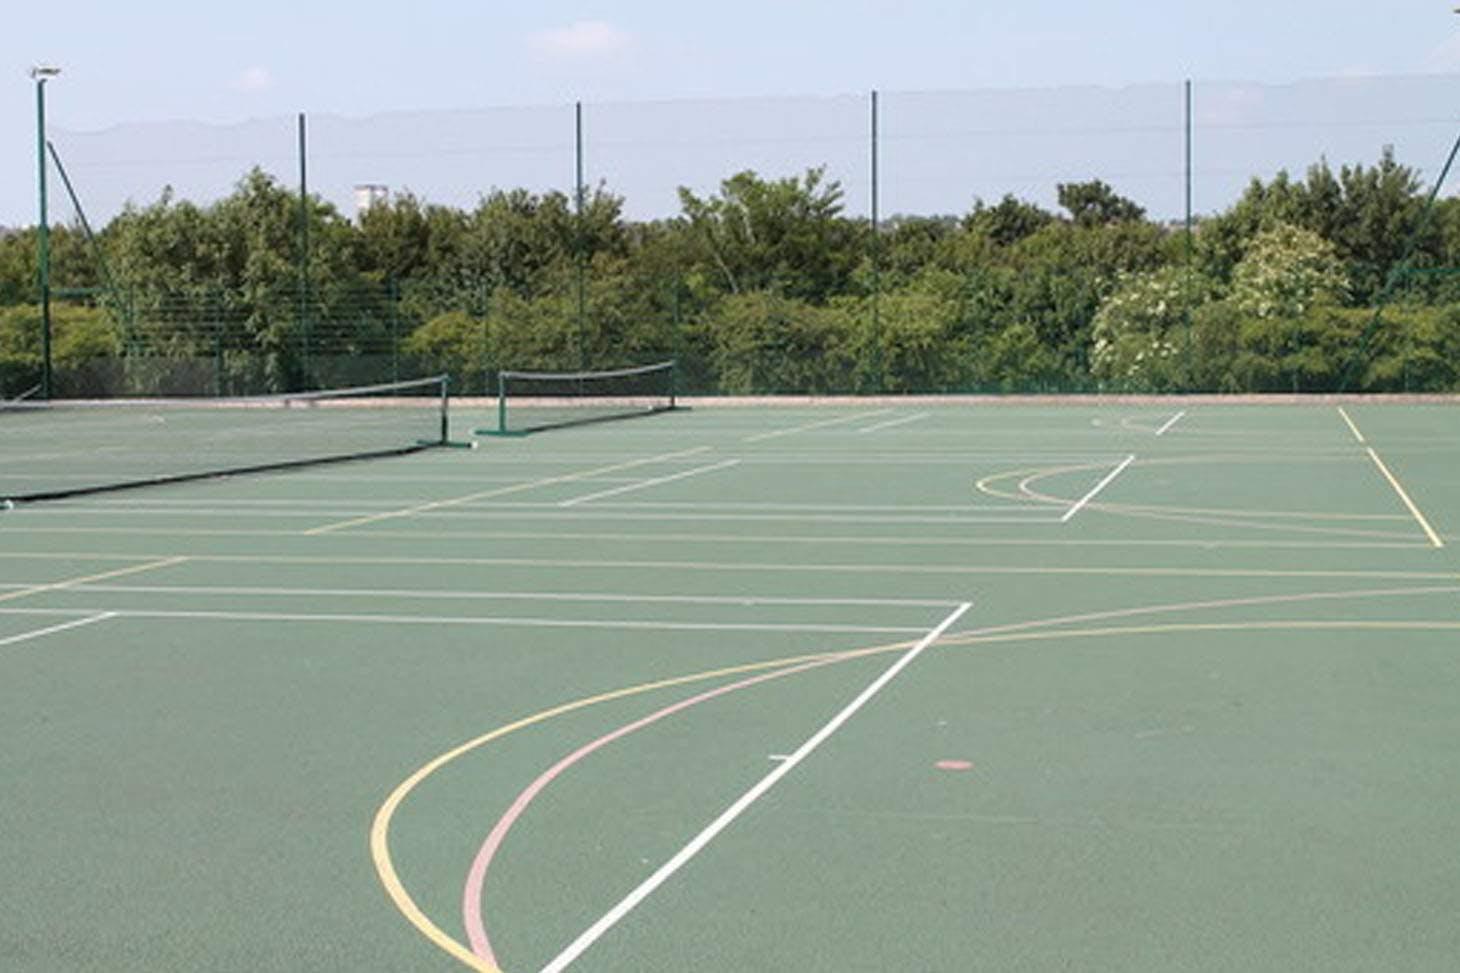 Kingsmeadow Community School Outdoor | Hard (macadam) tennis court